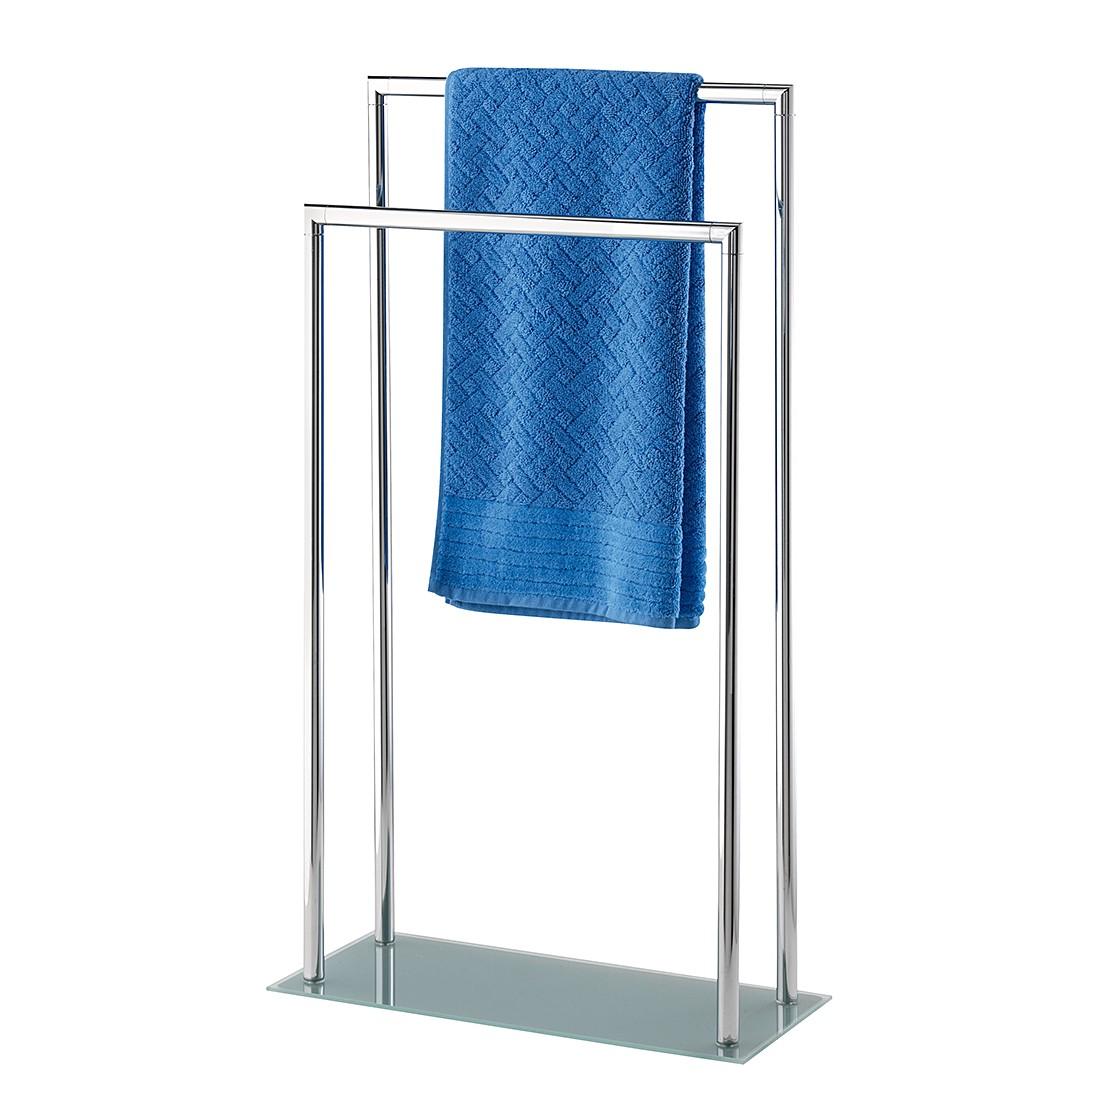 Handtuchständer Style – Chrom, WENKO jetzt kaufen